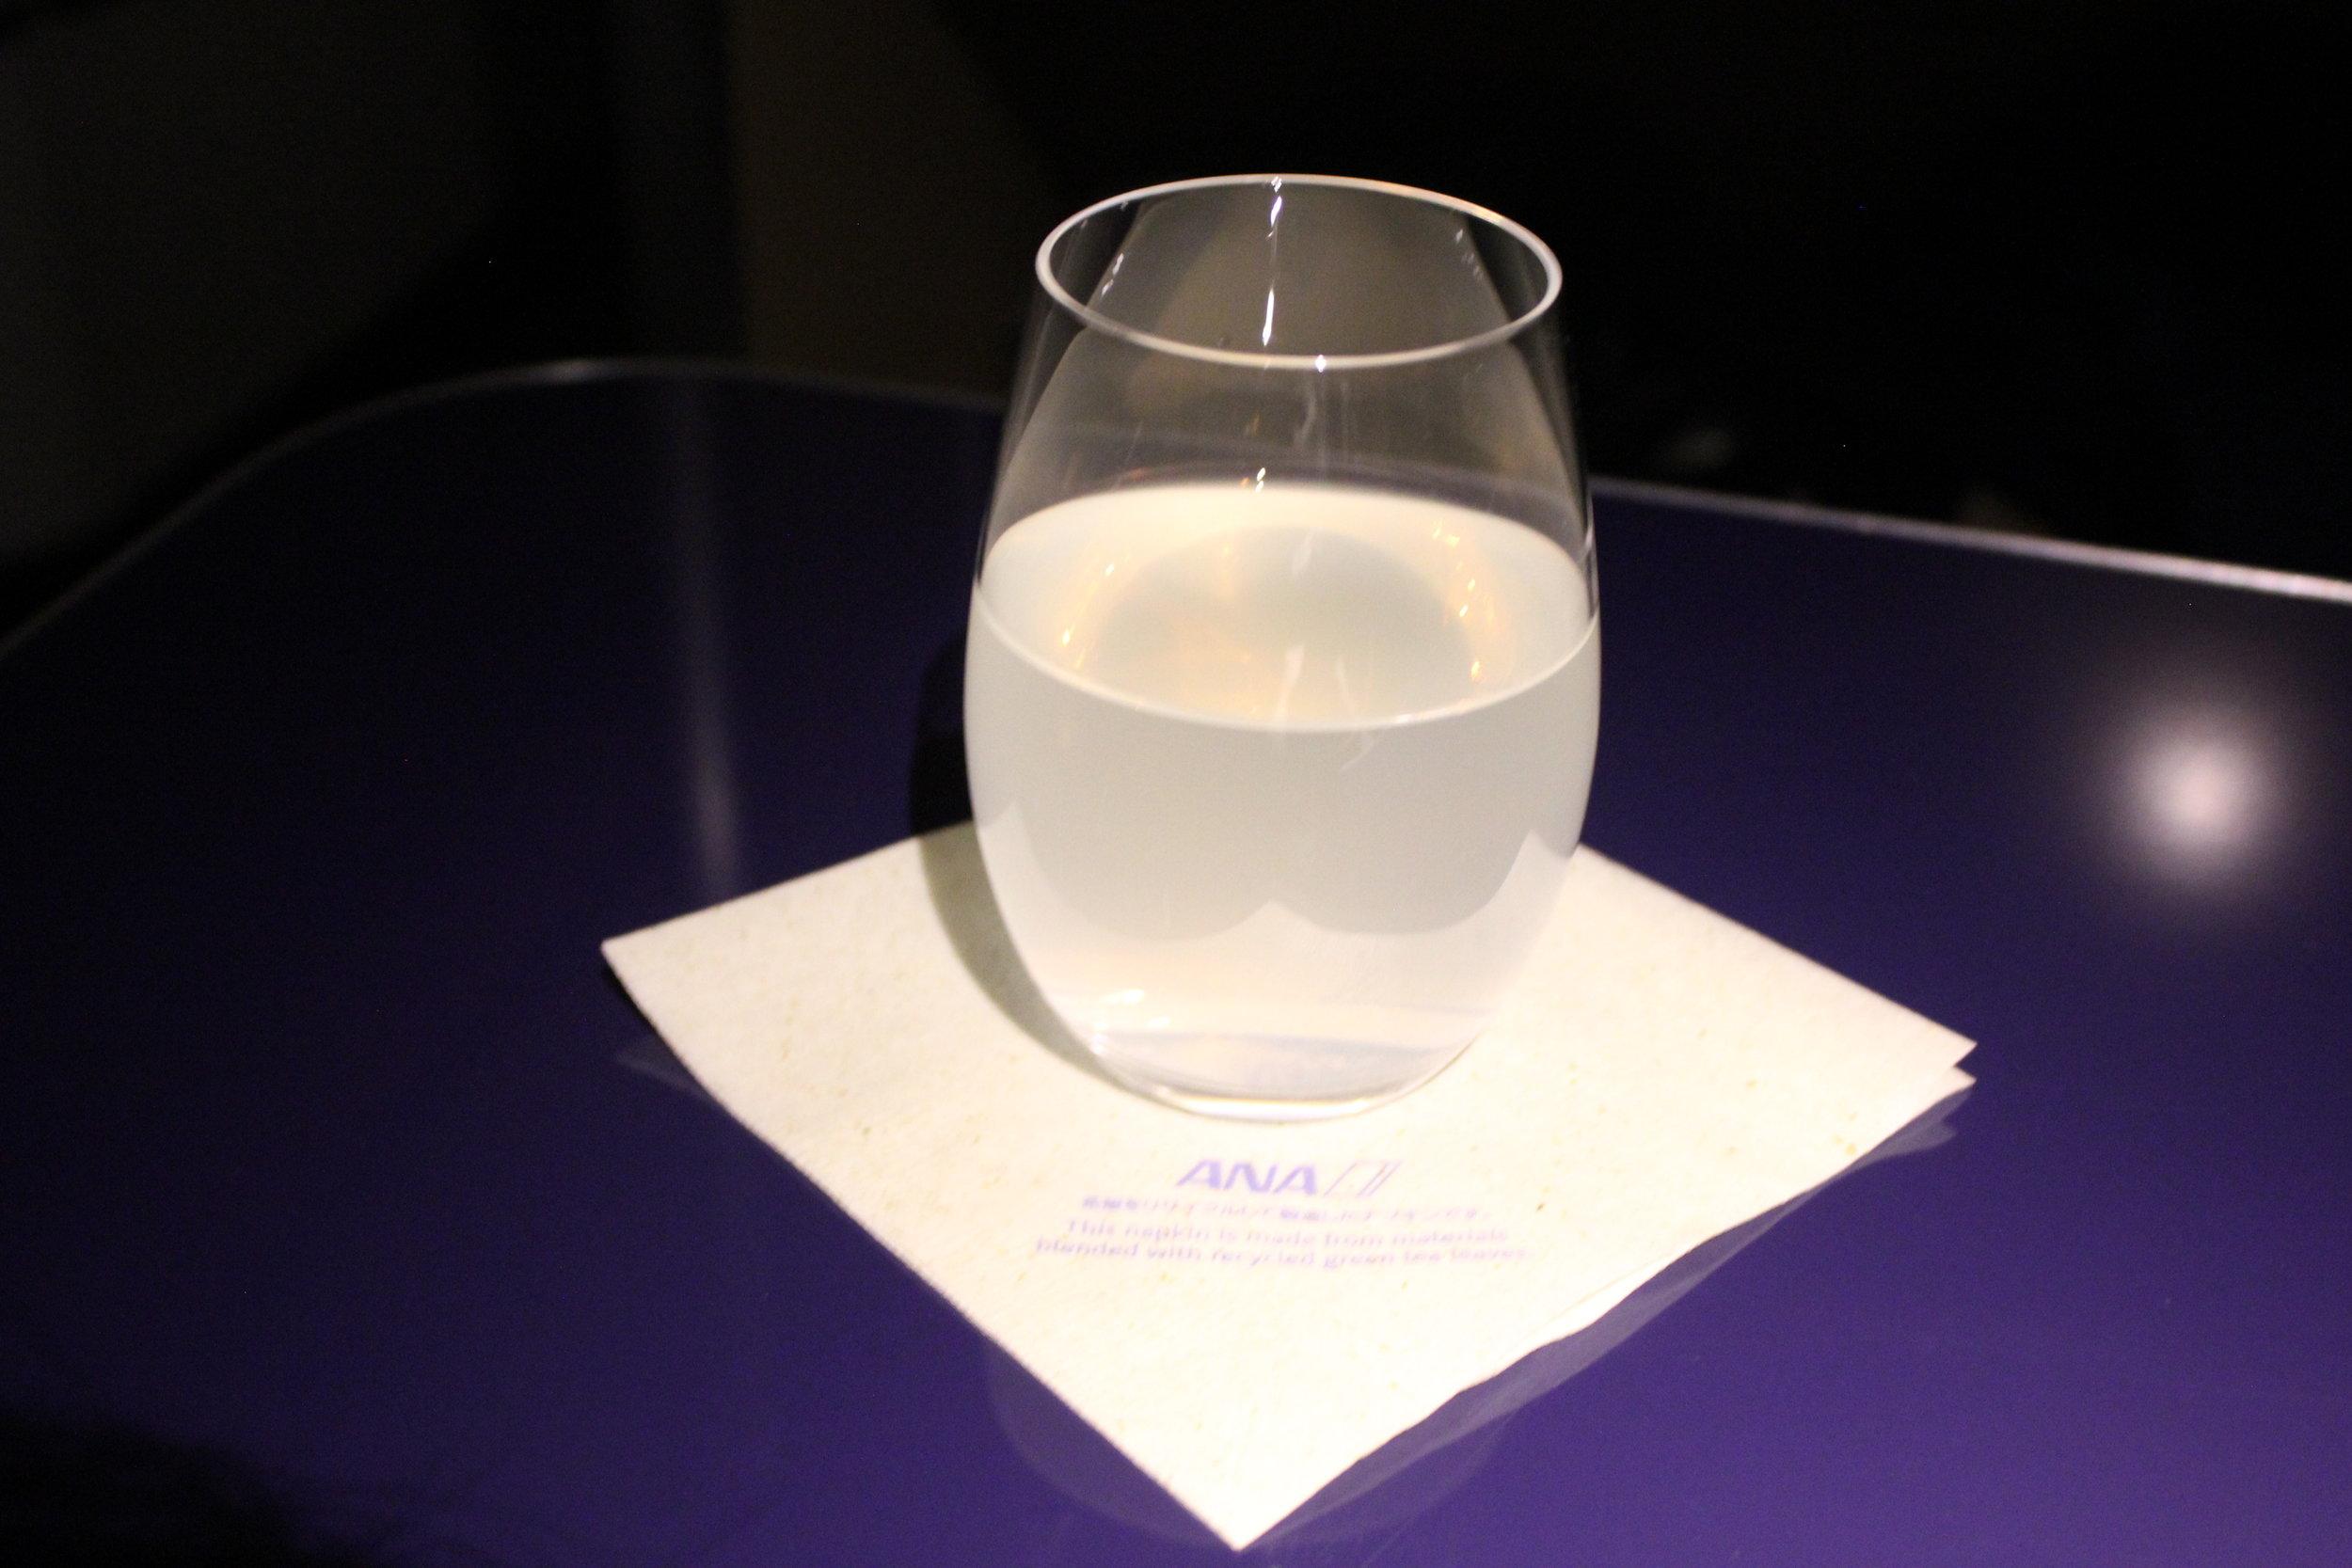 ANA First Class – ANA original citrus juice